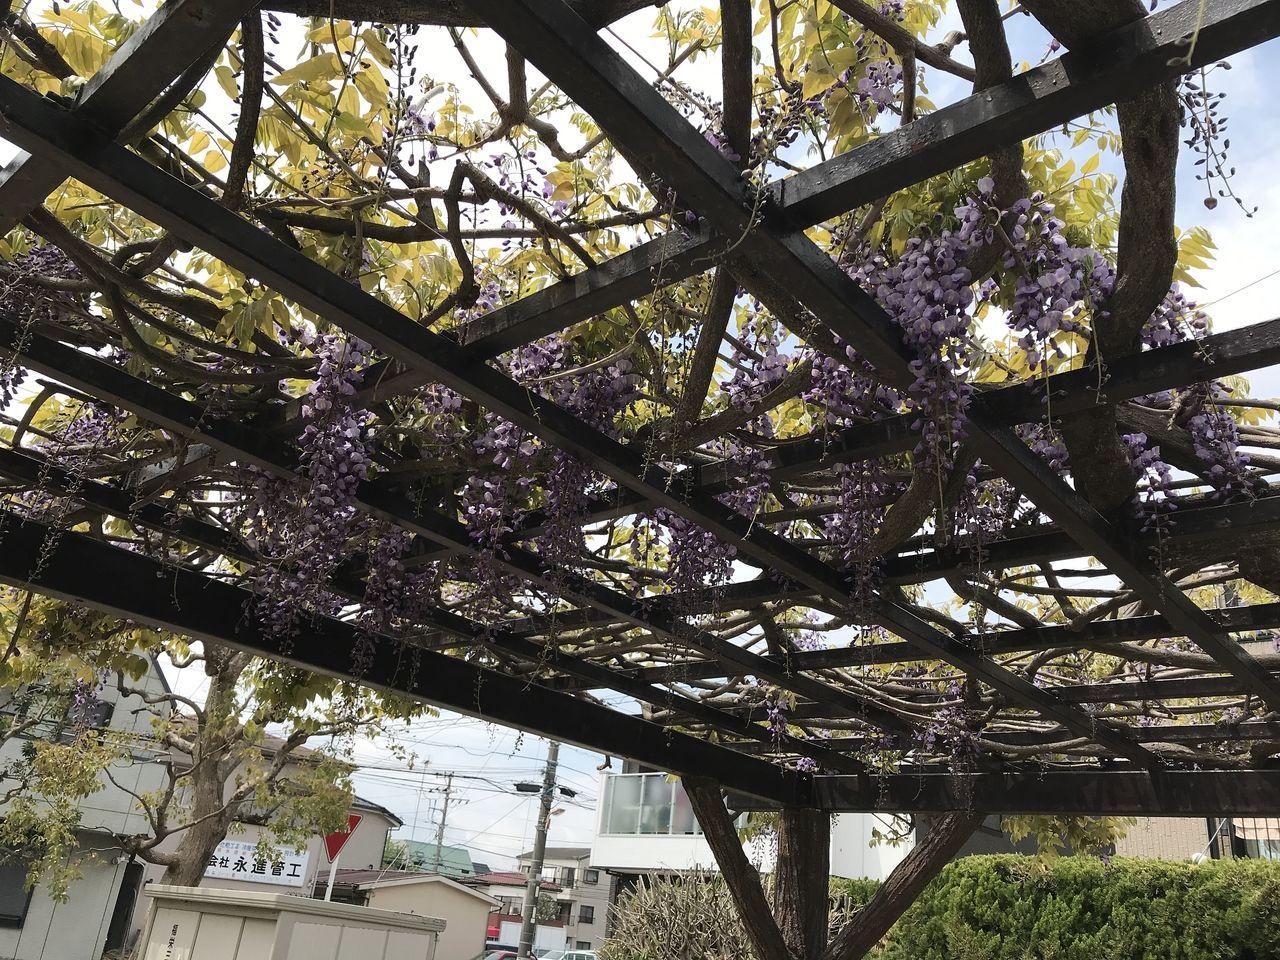 南行徳の新浜公園の藤棚の藤